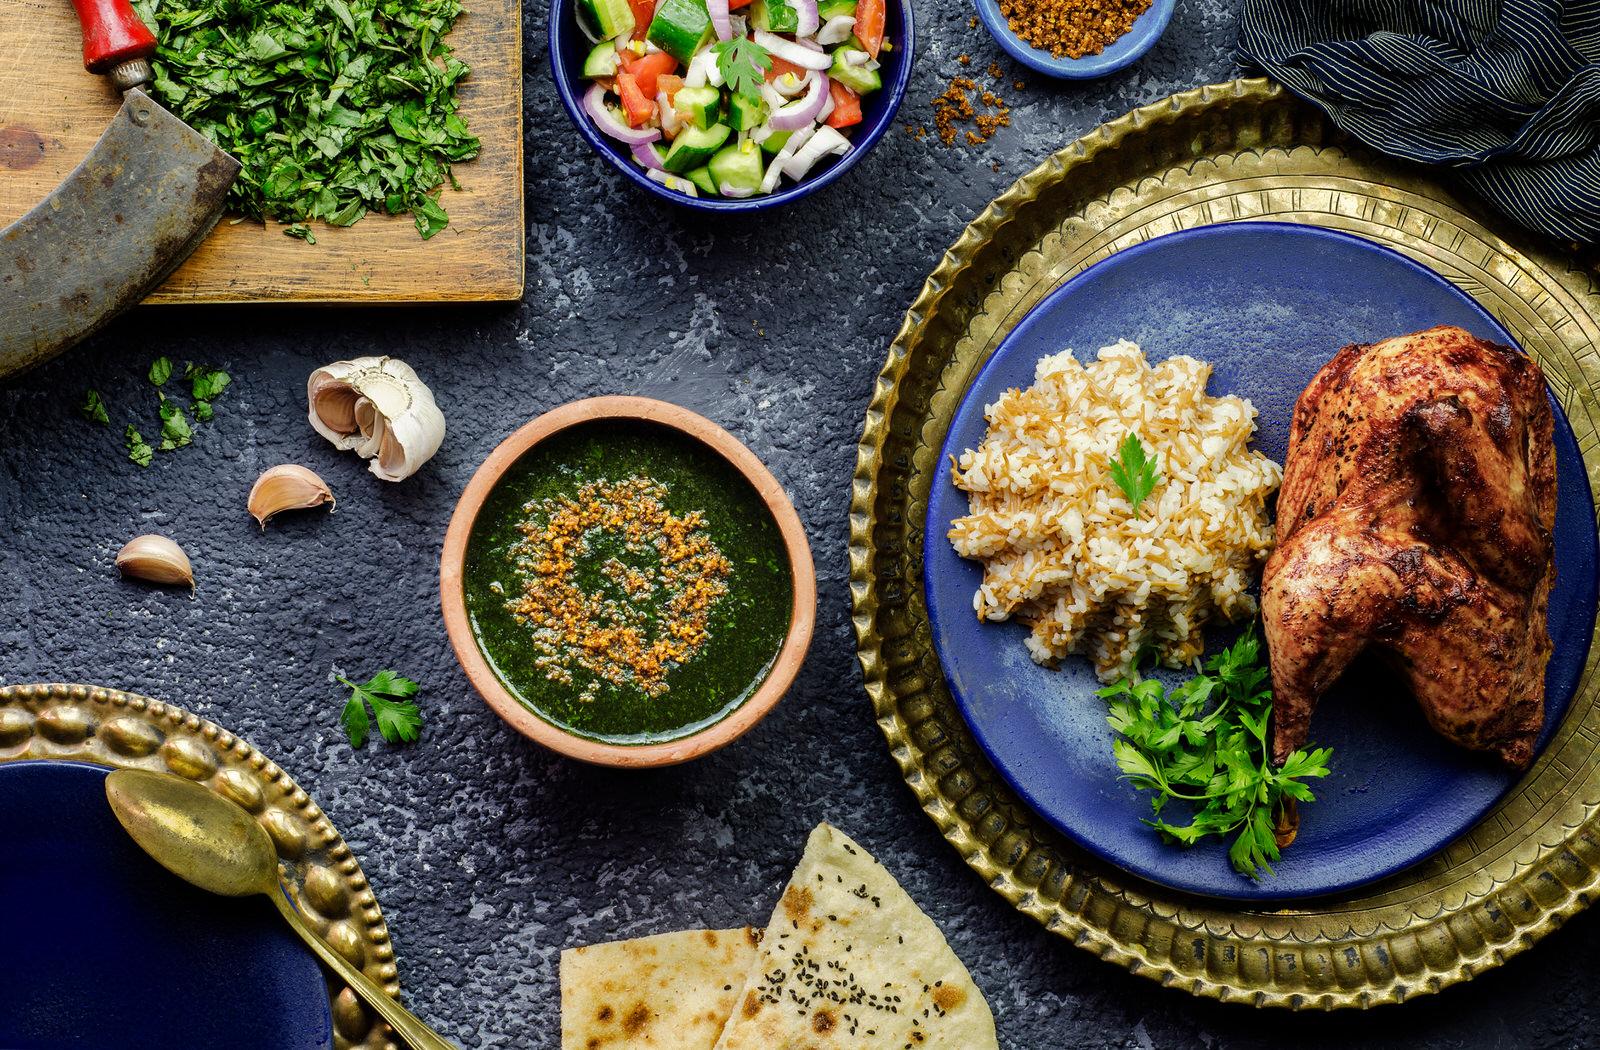 Egipatska kuhinja: Mešavina faraonskih specijaliteta i modernih vremena (RECEPTI)